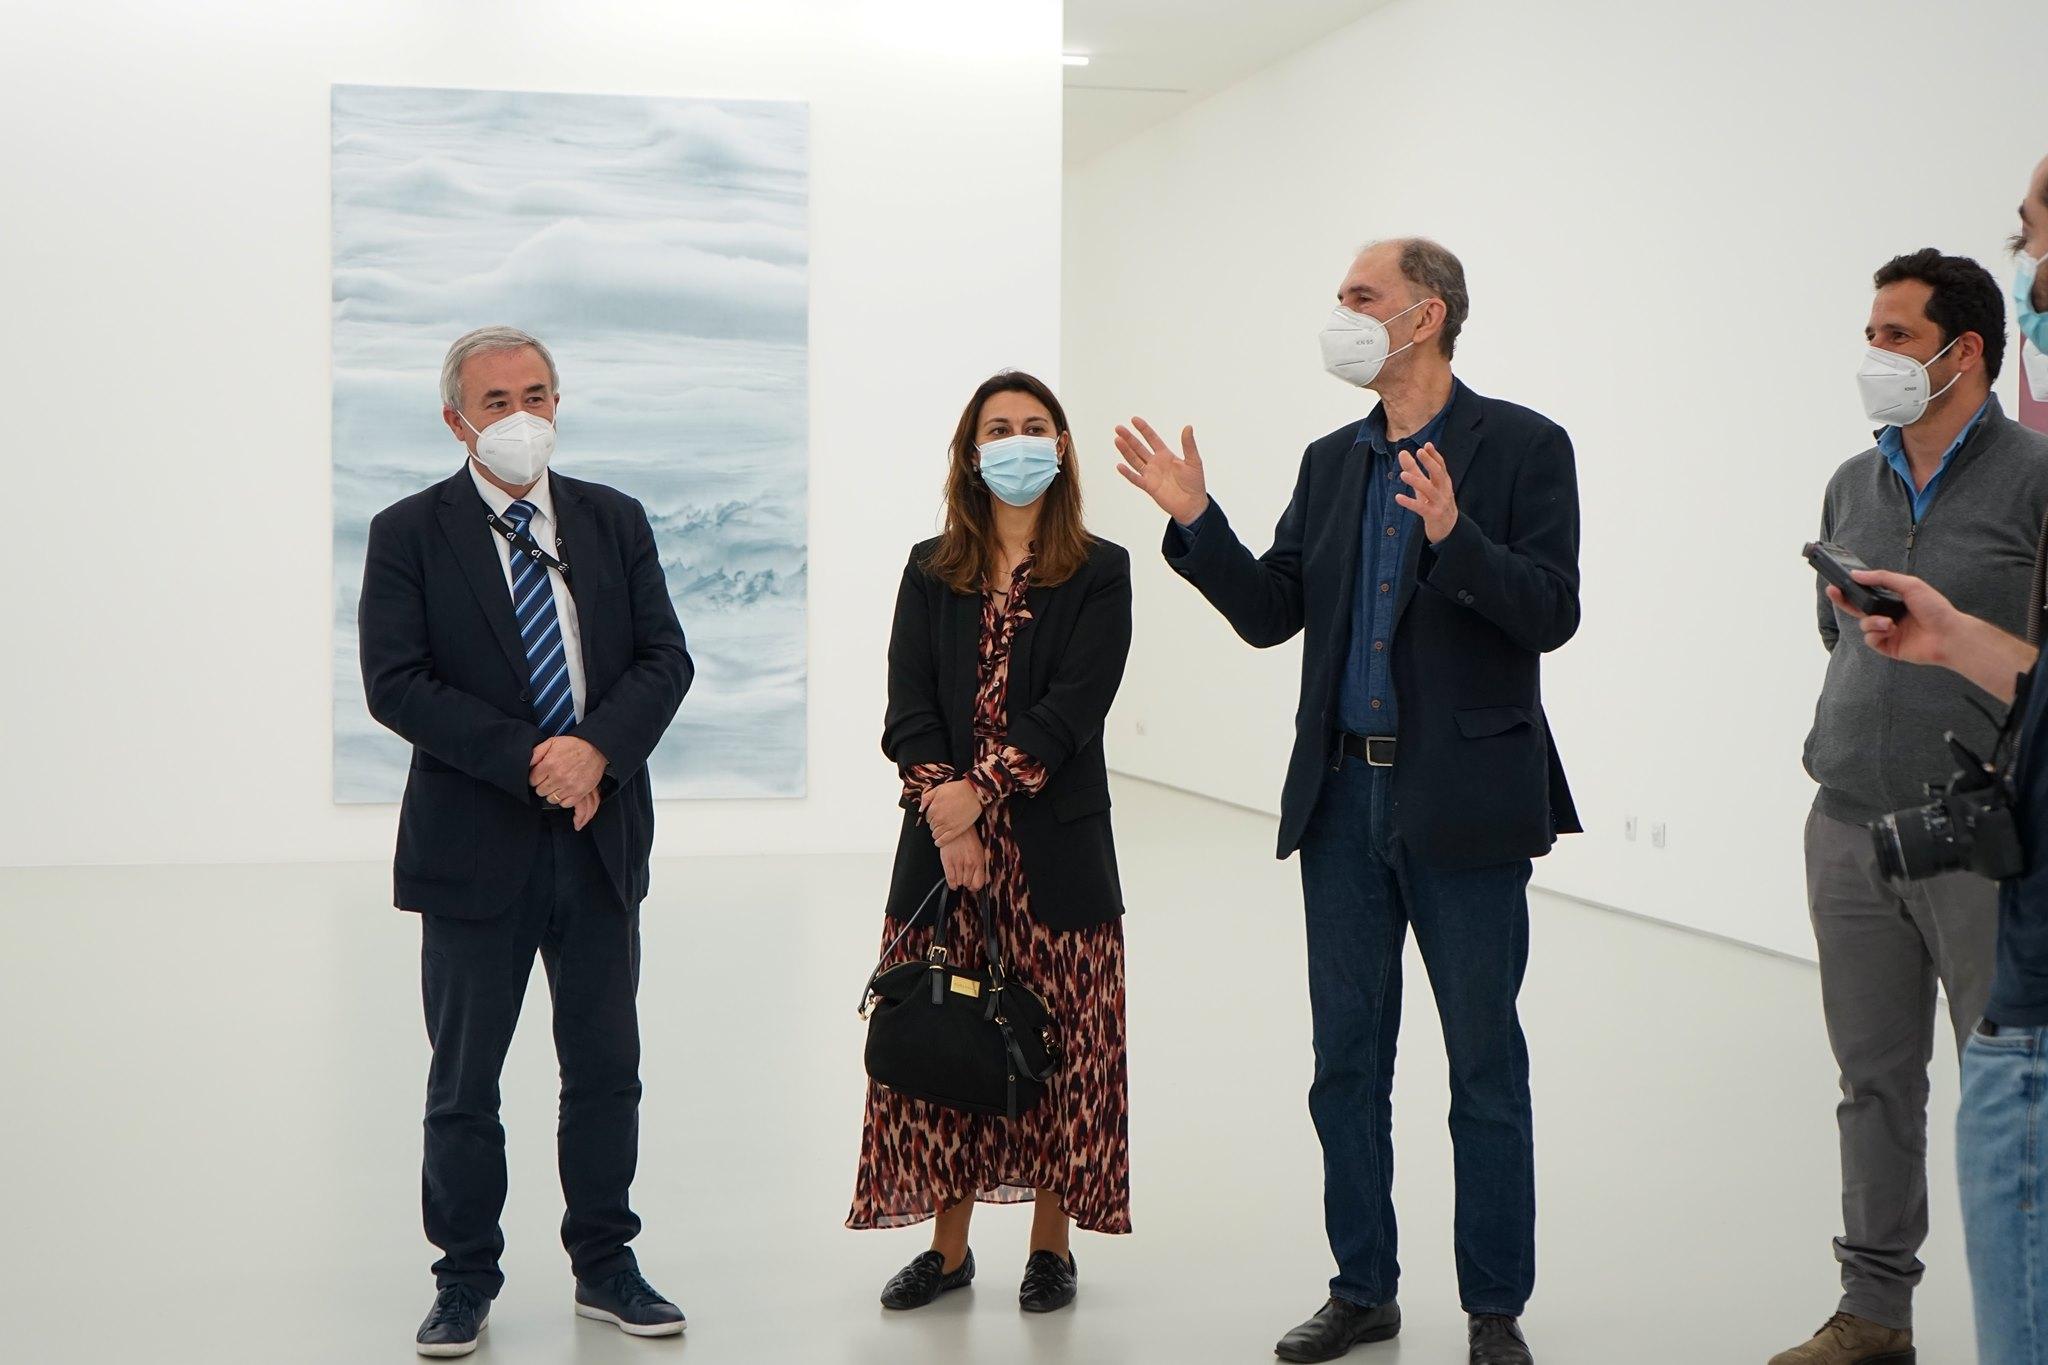 Forum Arte Braga retoma actividade com exposição de Luís Coquenão. Espectáculos regressam a partir de 19